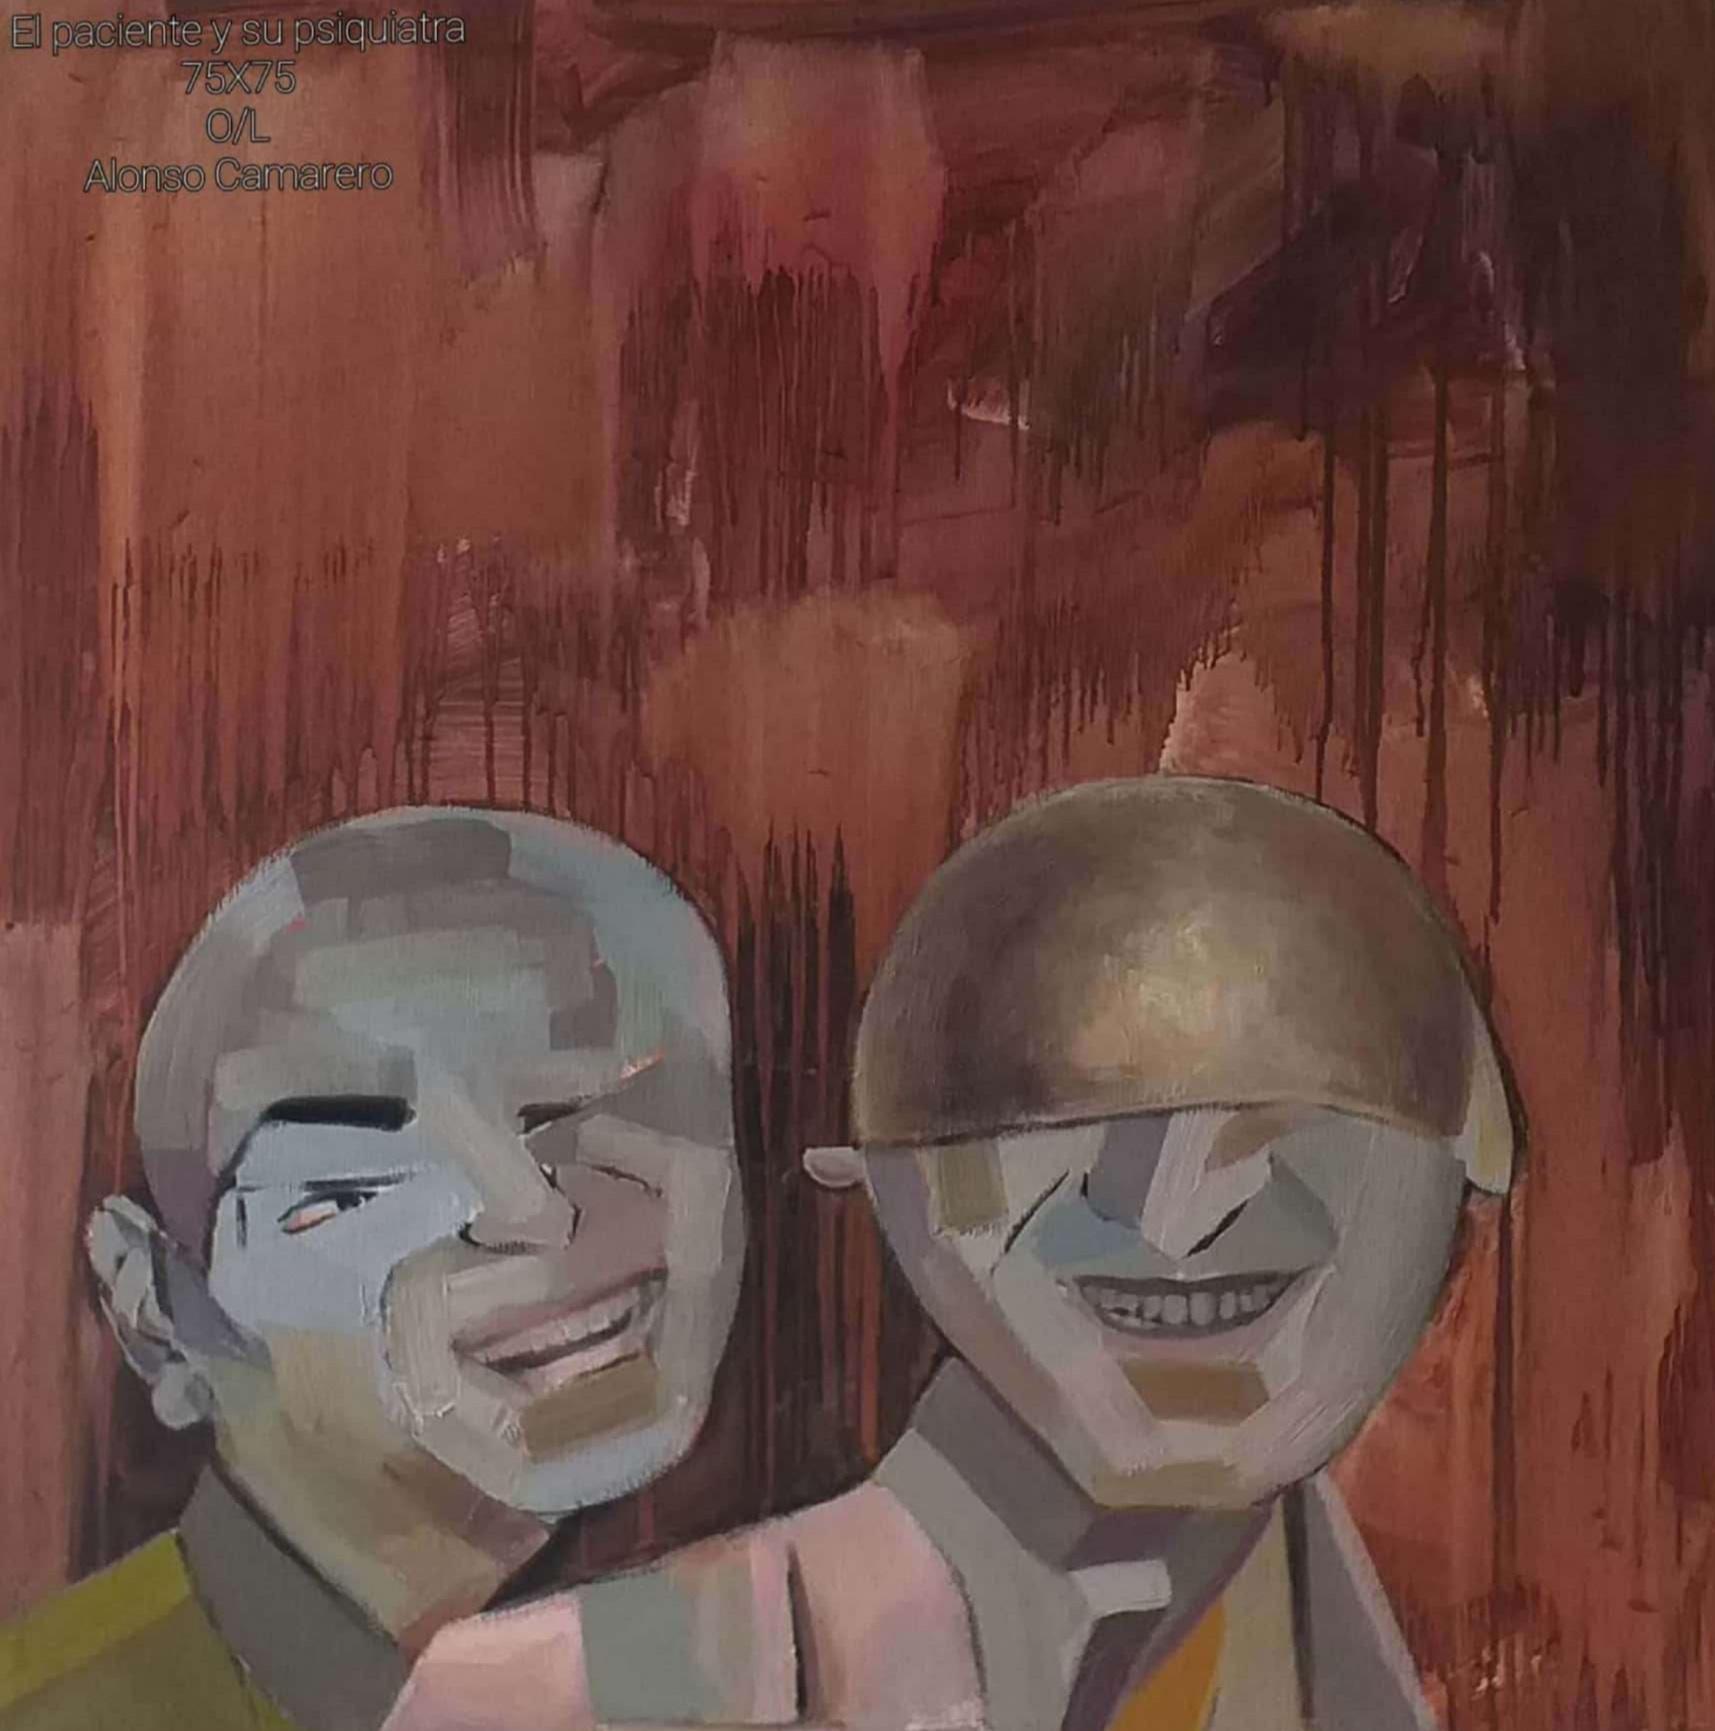 El paciente y su psiquiatra (2009) - Julio Alonso Camarero - Alonso Camarero